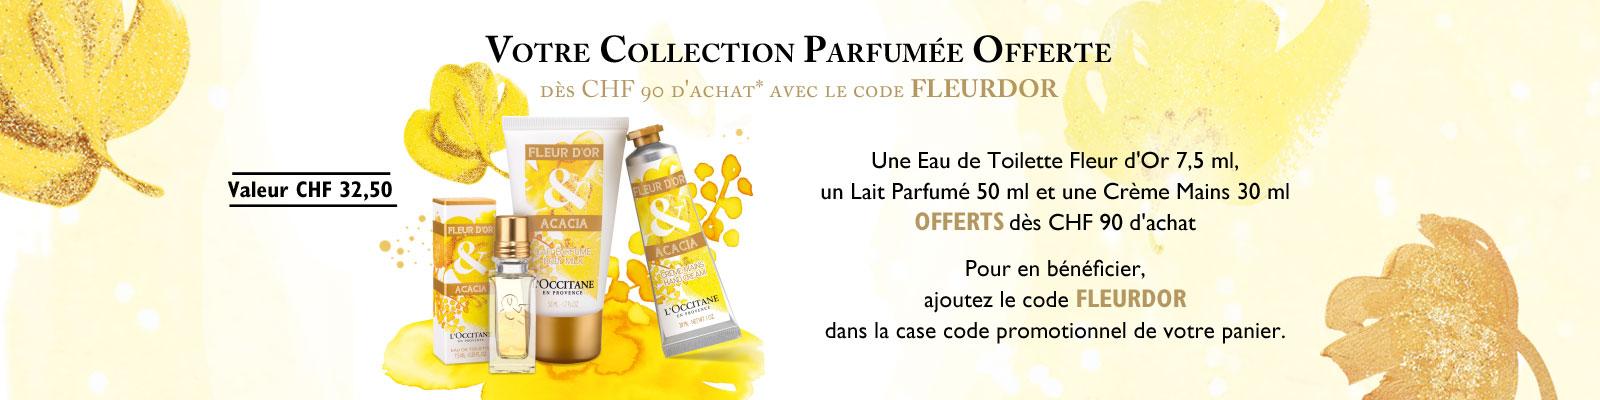 Fleur d'or - L'Occitane en Provence